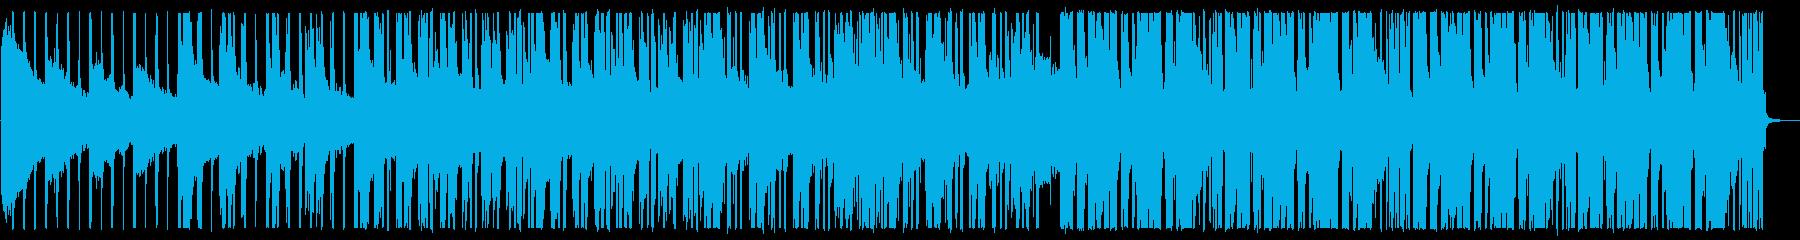 都会/優しい/R&B_440_3の再生済みの波形